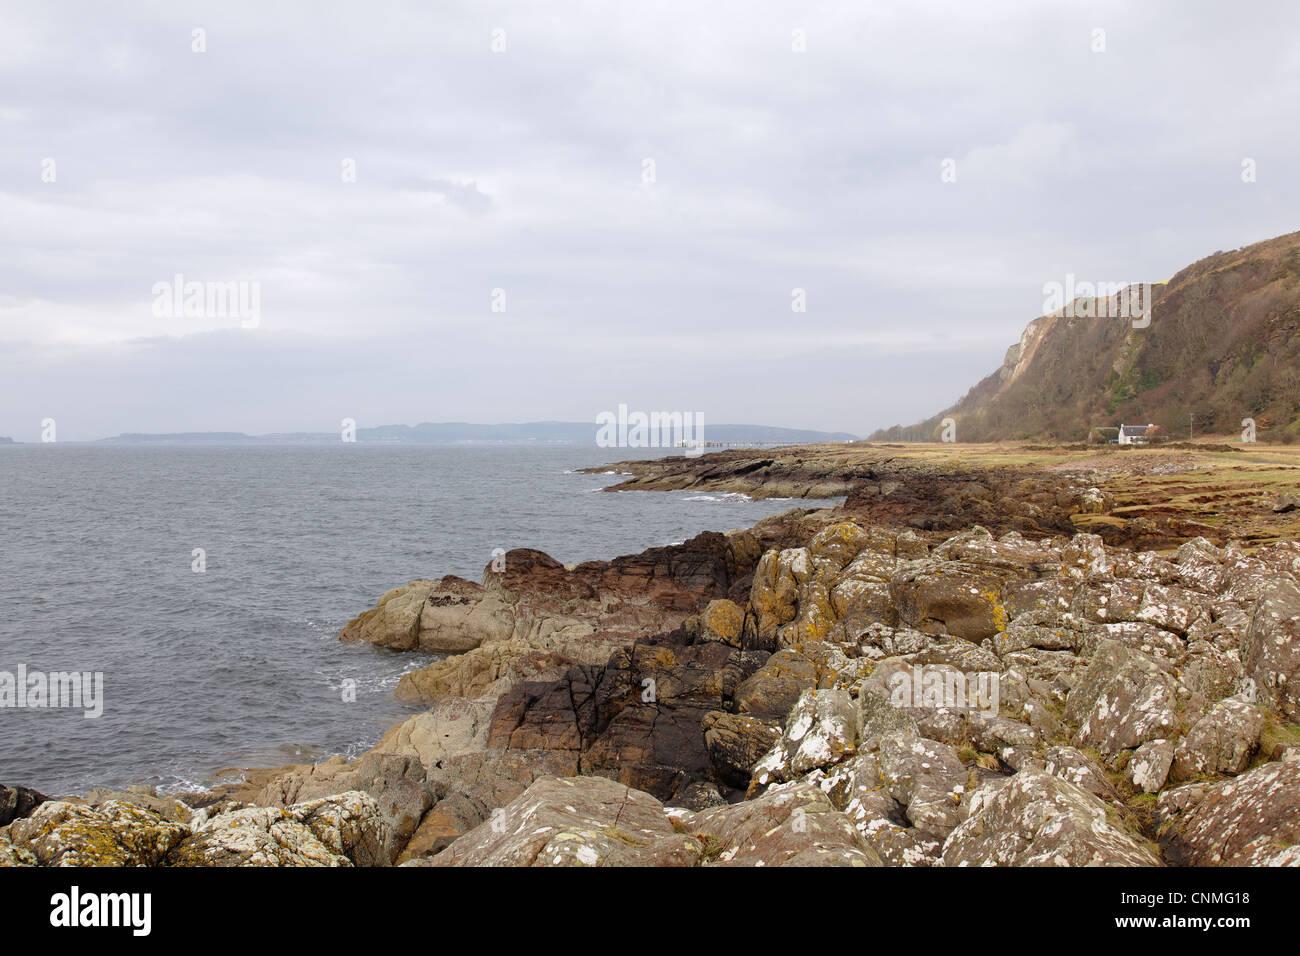 Firth of Clyde à côté du sentier côtier d'Ayrshire à Portencross dans le nord de l'Ayrshire, en Écosse, au Royaume-Uni Banque D'Images